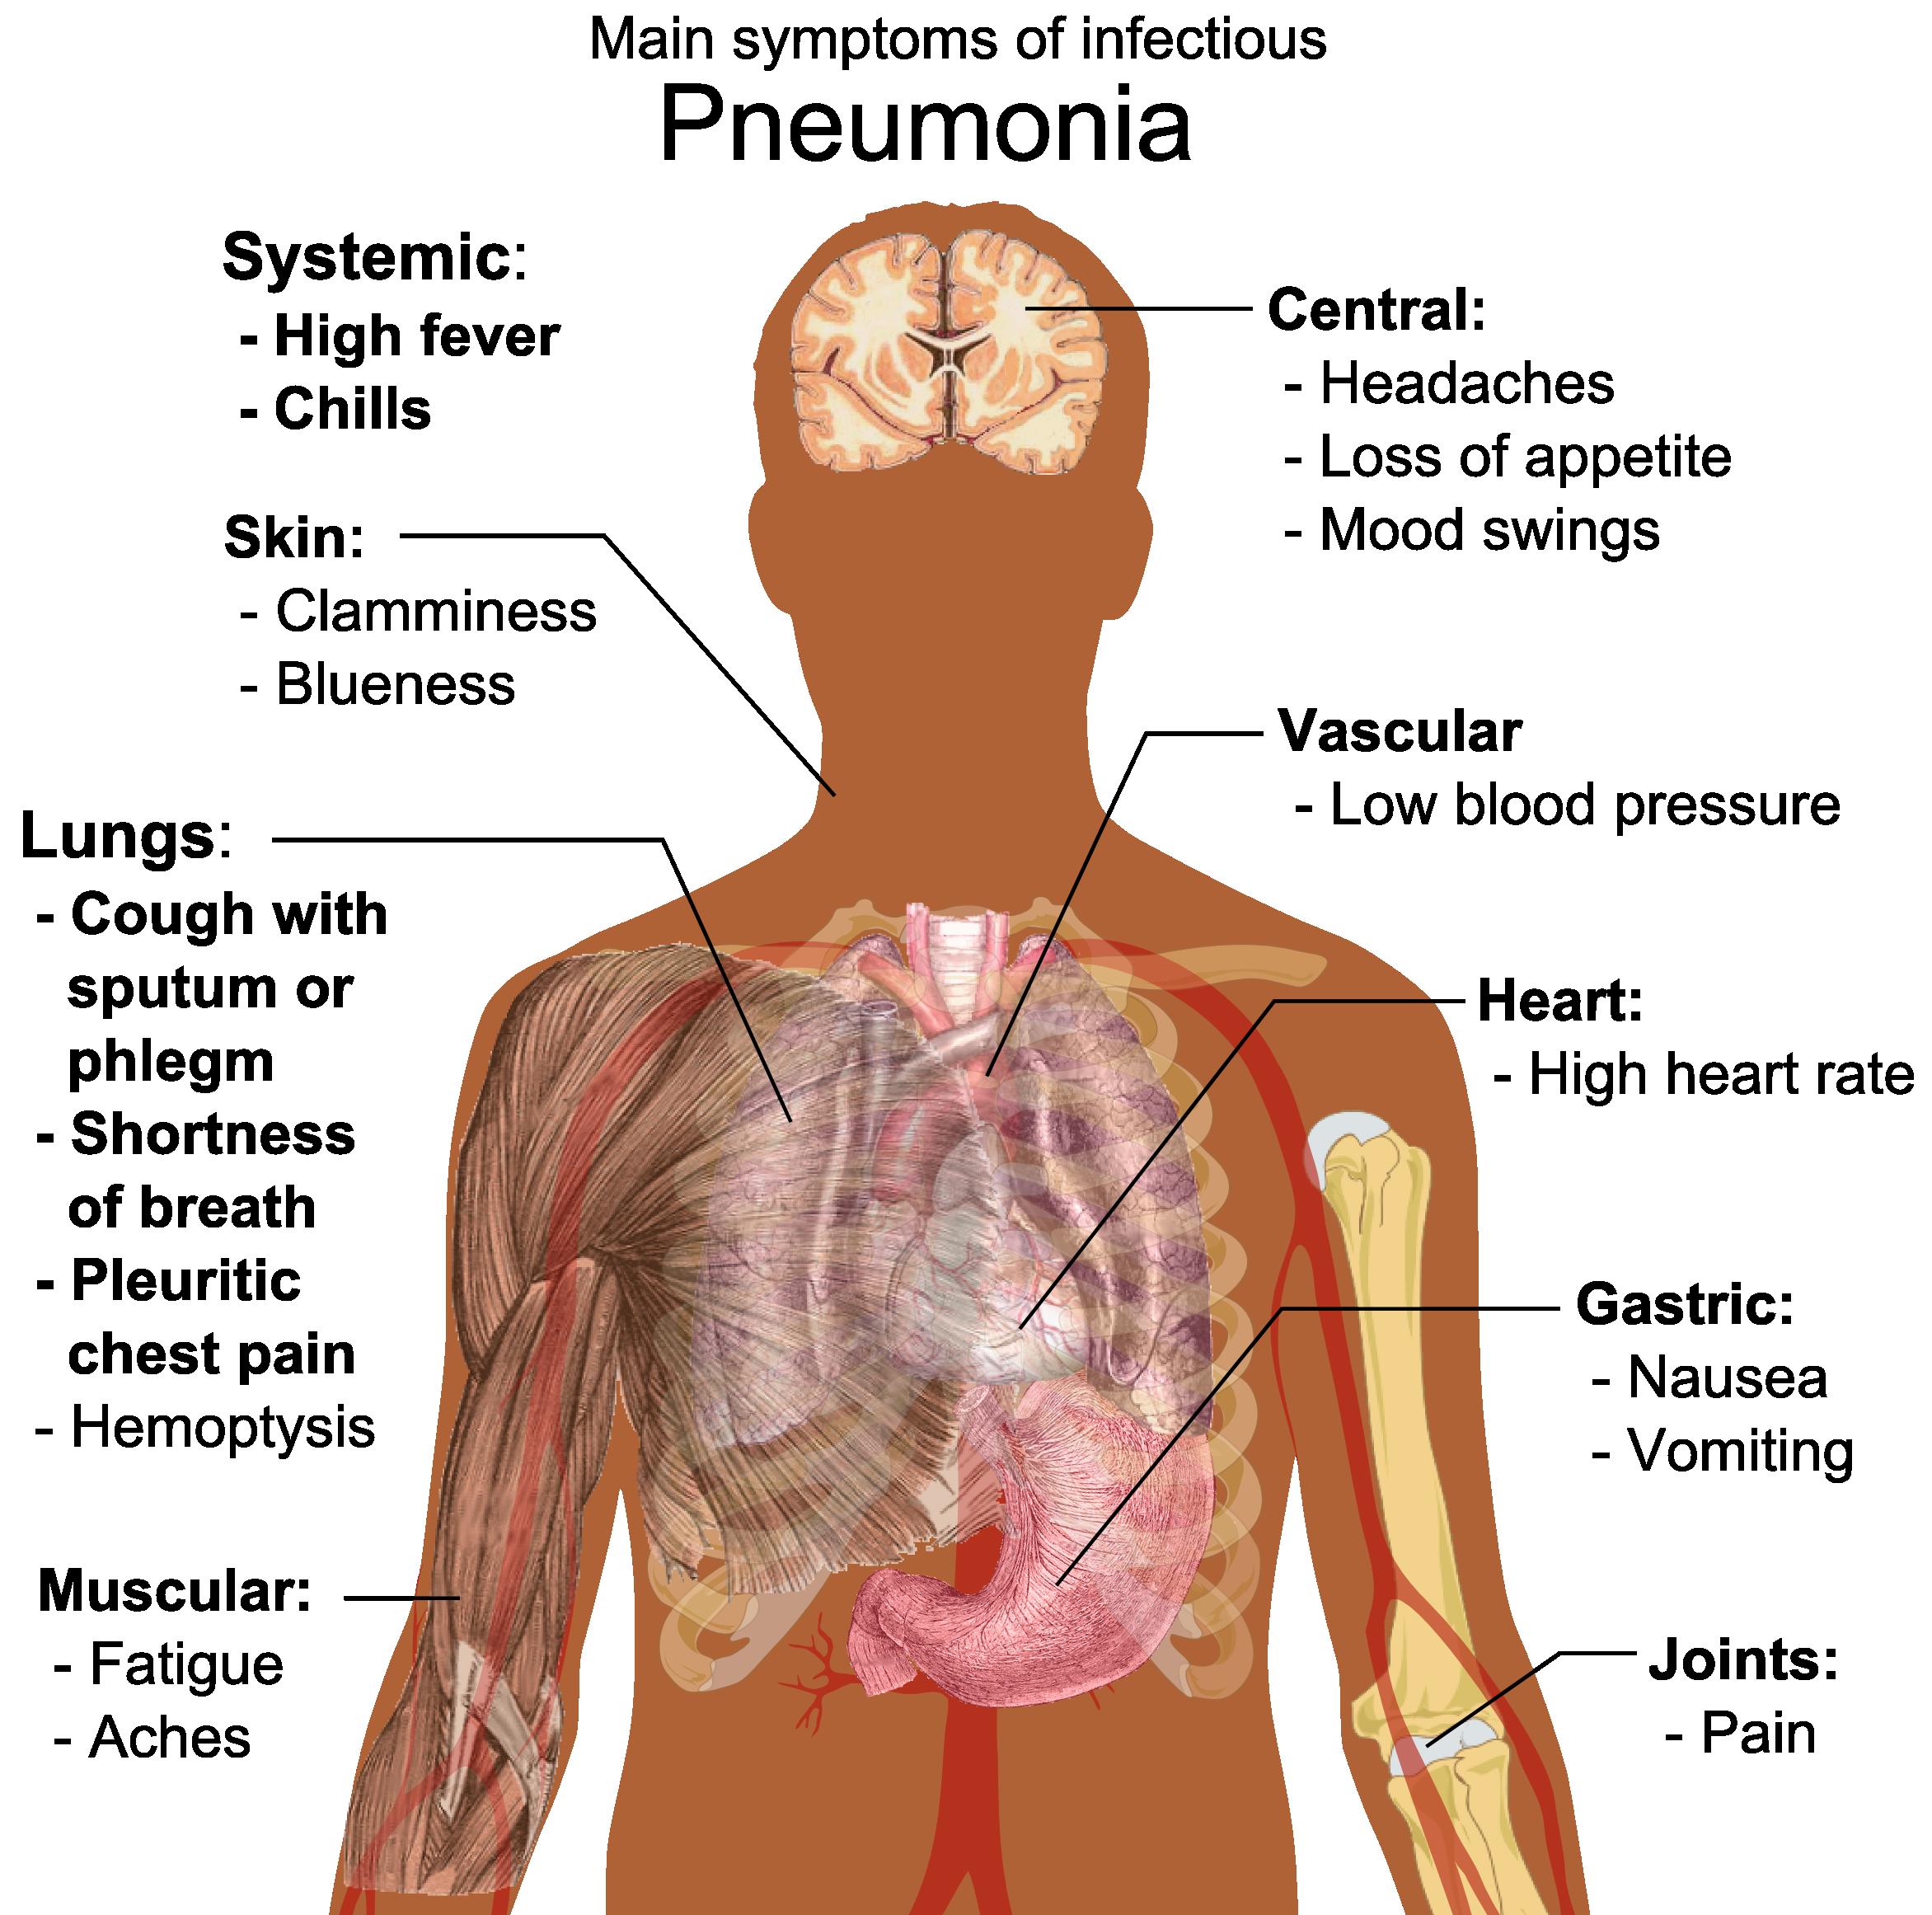 File:Main symptoms of infecti